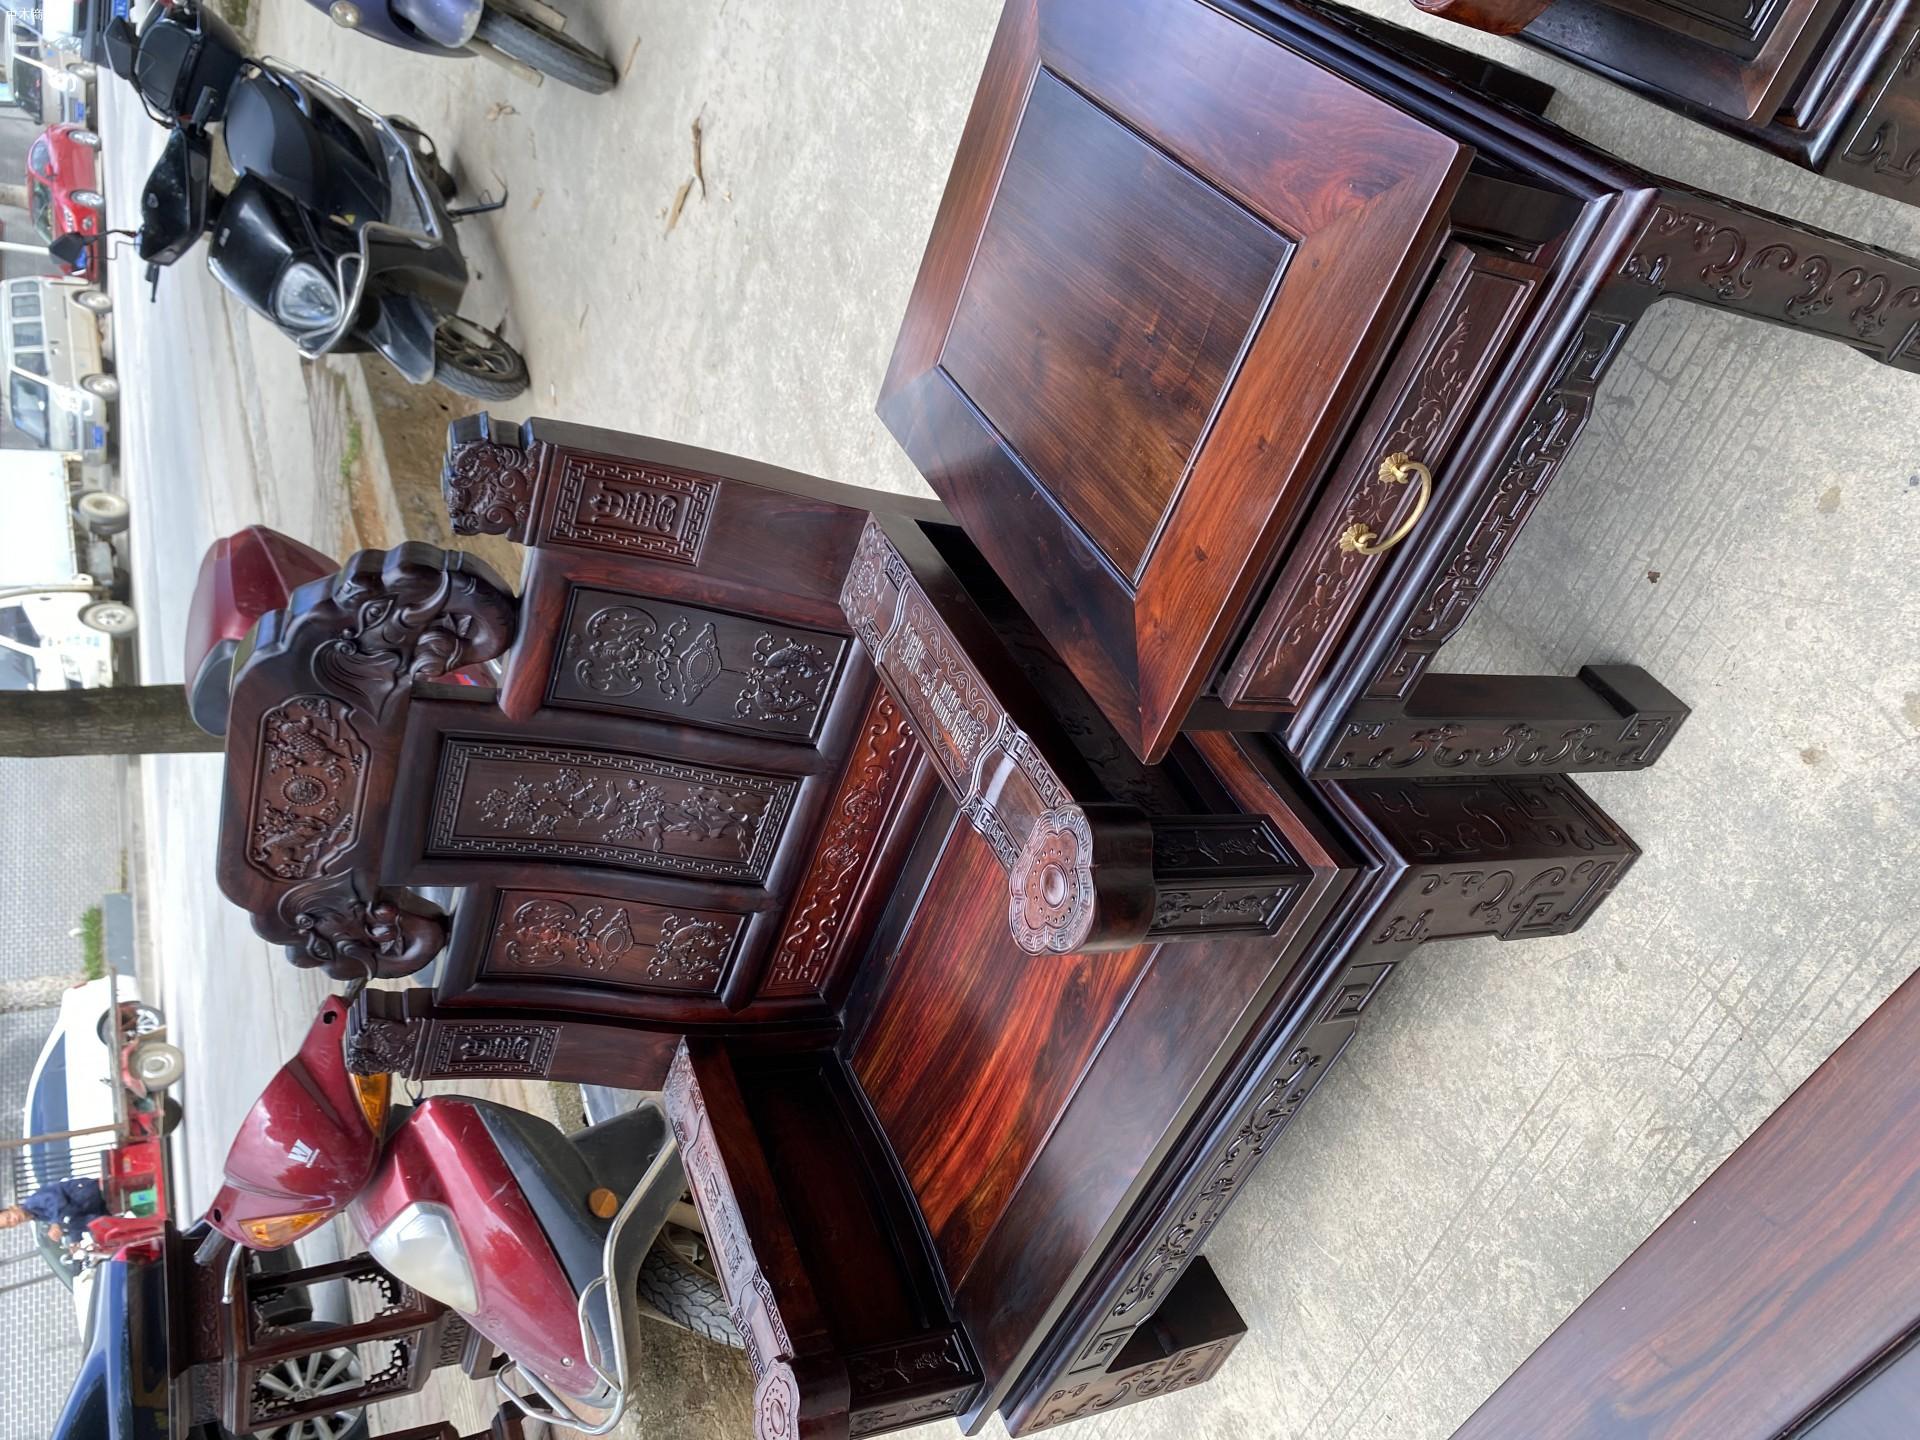 老挝大红酸枝如意象头沙发是什么木头价格